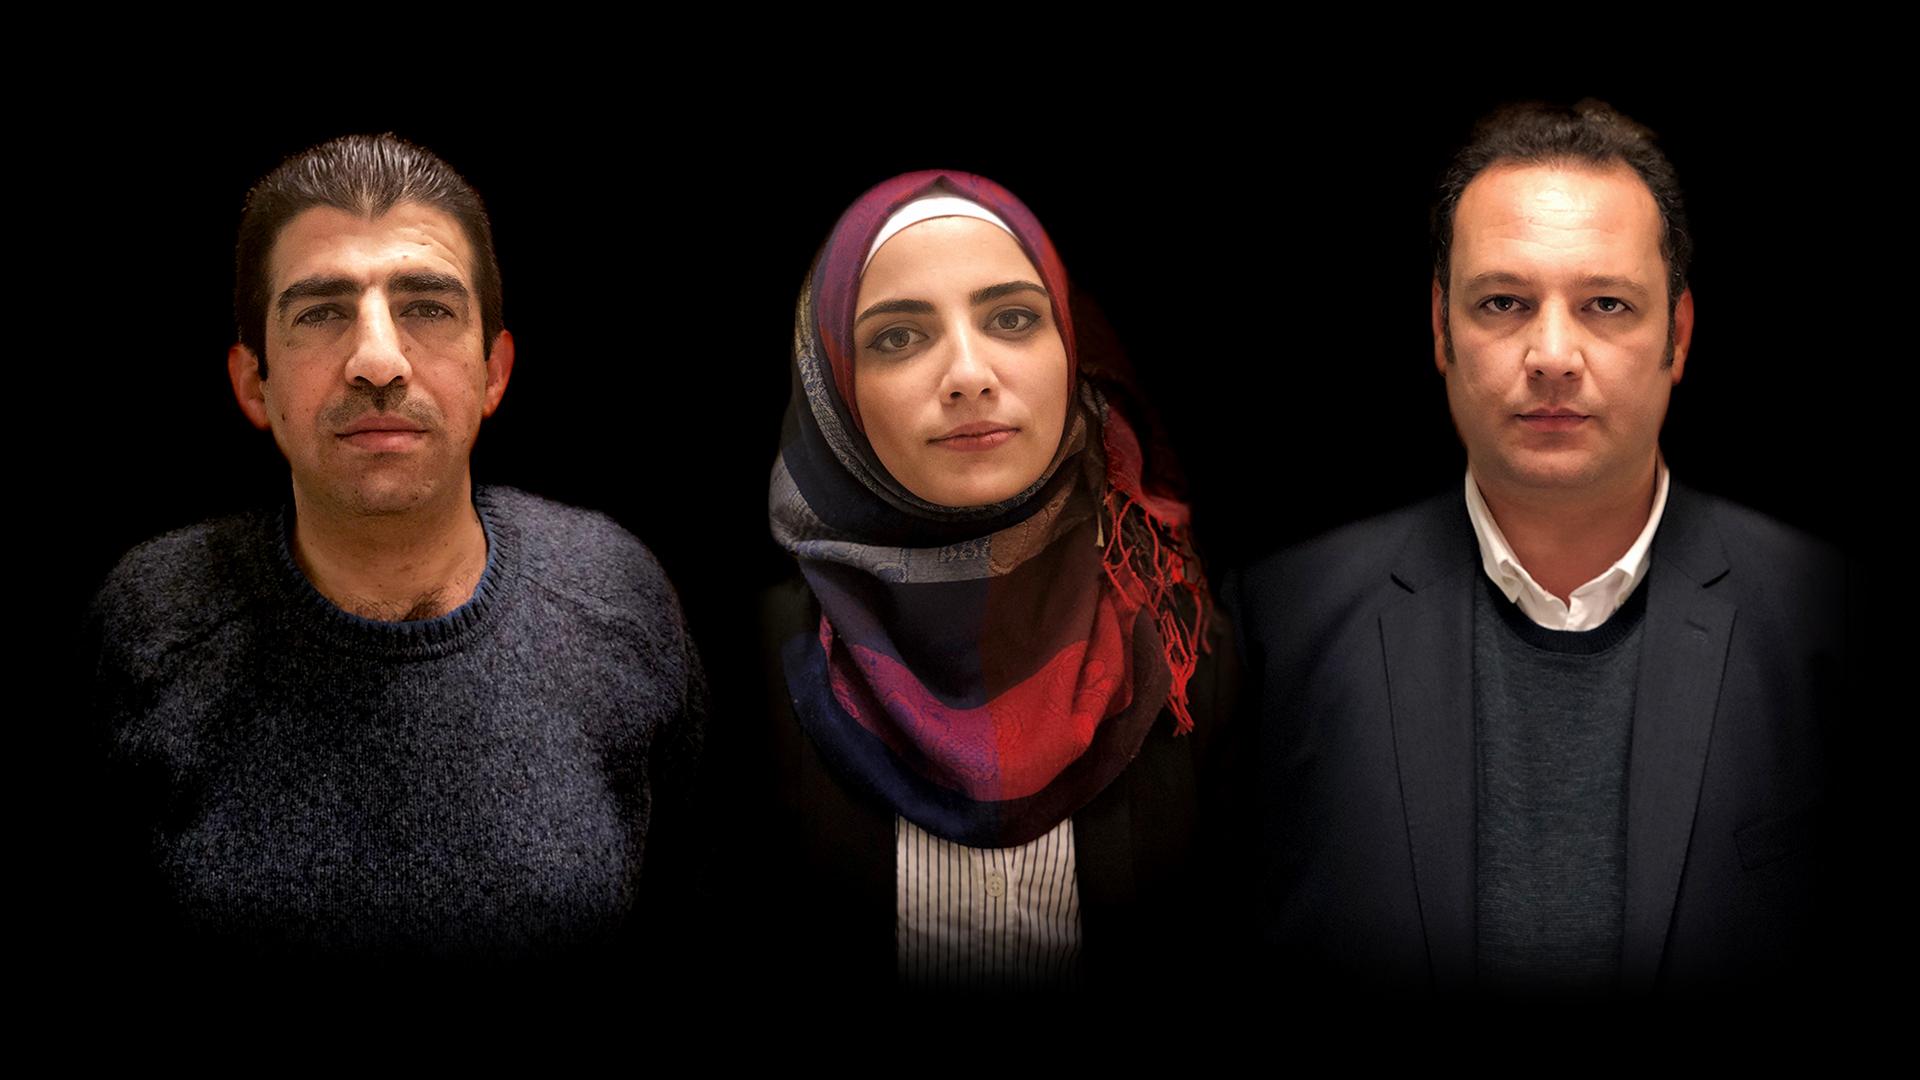 Abdulnaser, Alaa und Mansour Omari haben im Februar 2019 in Schweden Strafanzeige gegen hochrangige Geheimdienstchefs aus Syrien eingereicht. Foto: Civil Rights Defenders